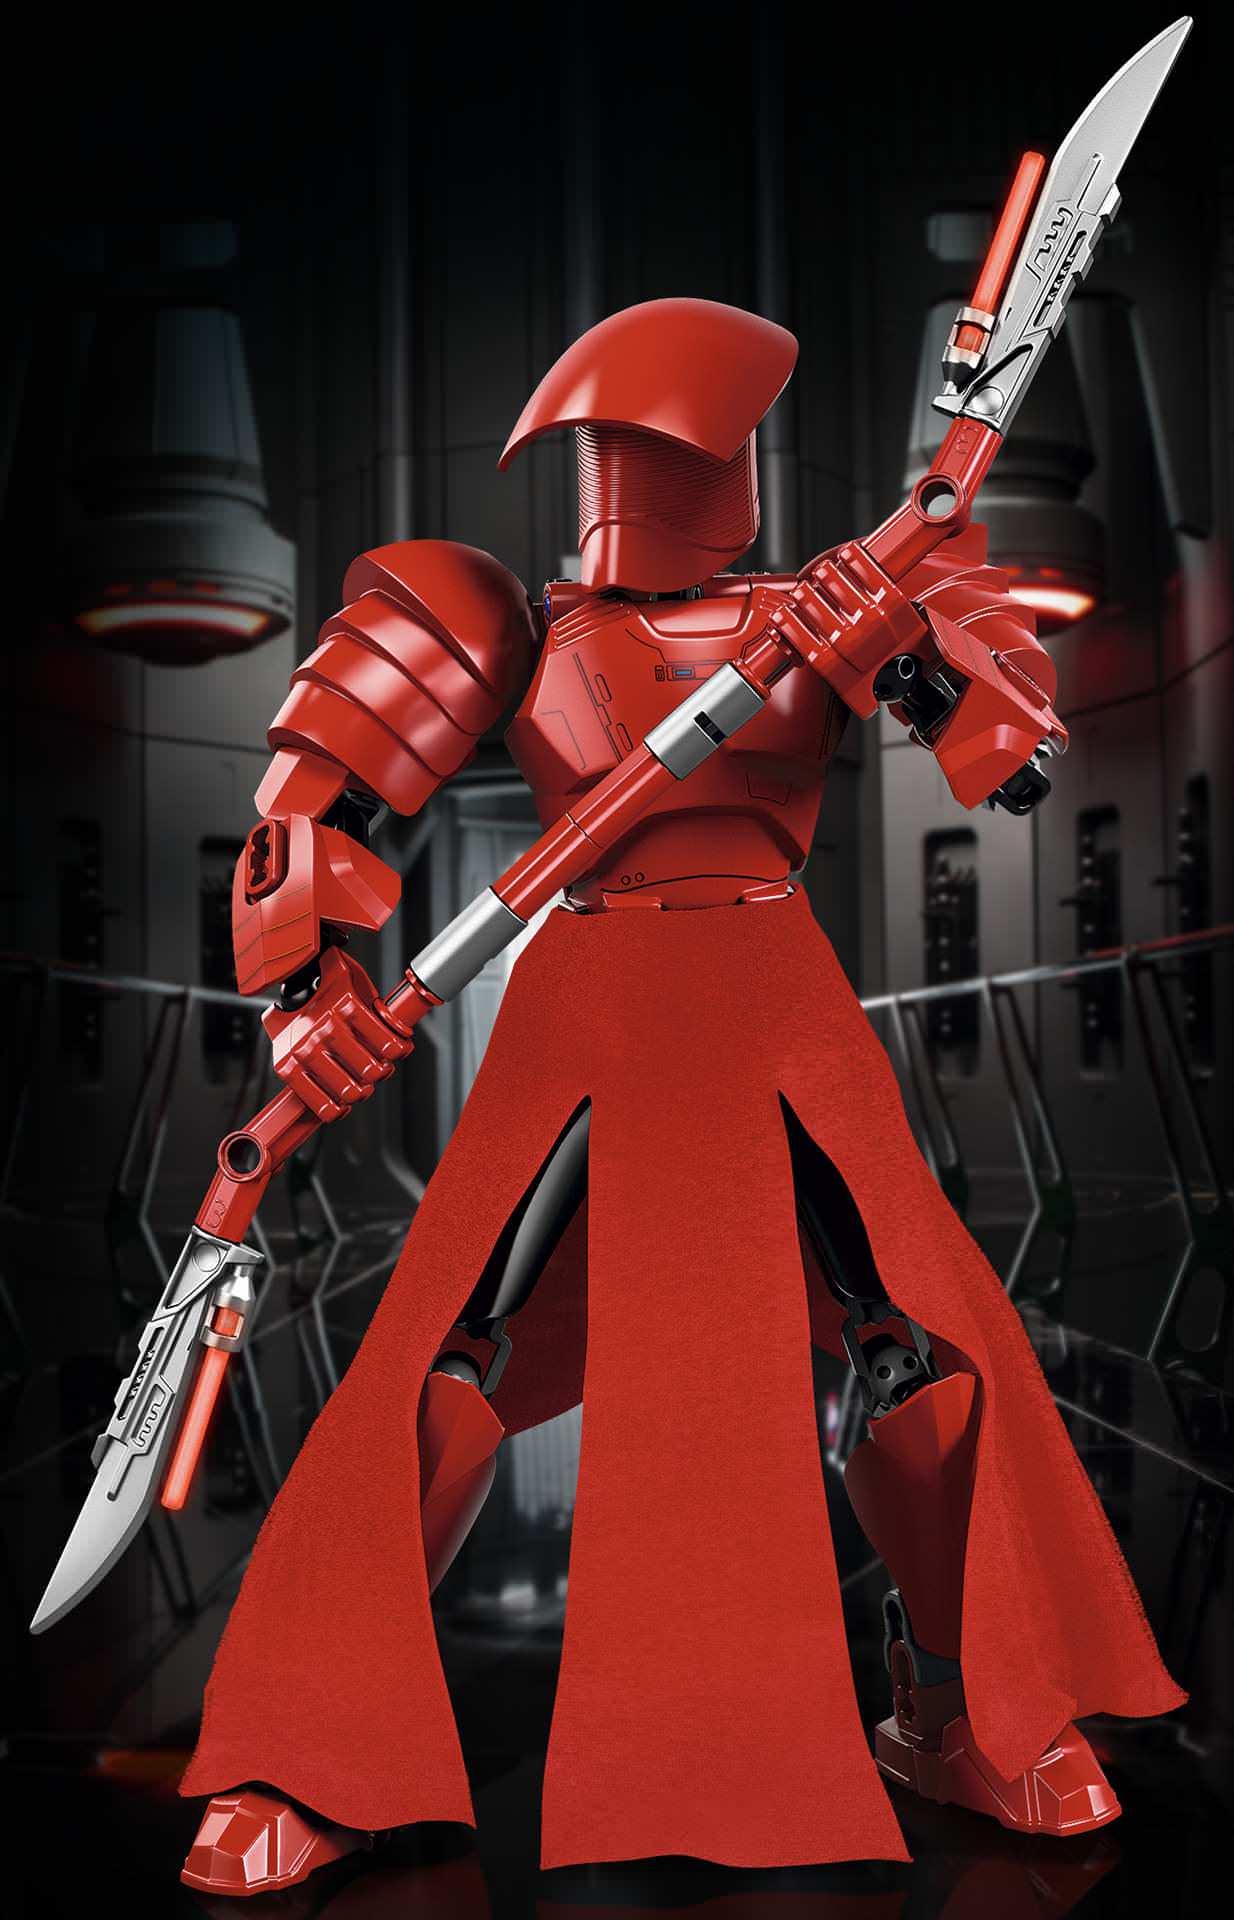 [Produits] Figurines Star Wars de l'automne 2017 : découvrez les images ! Rxc8gm10